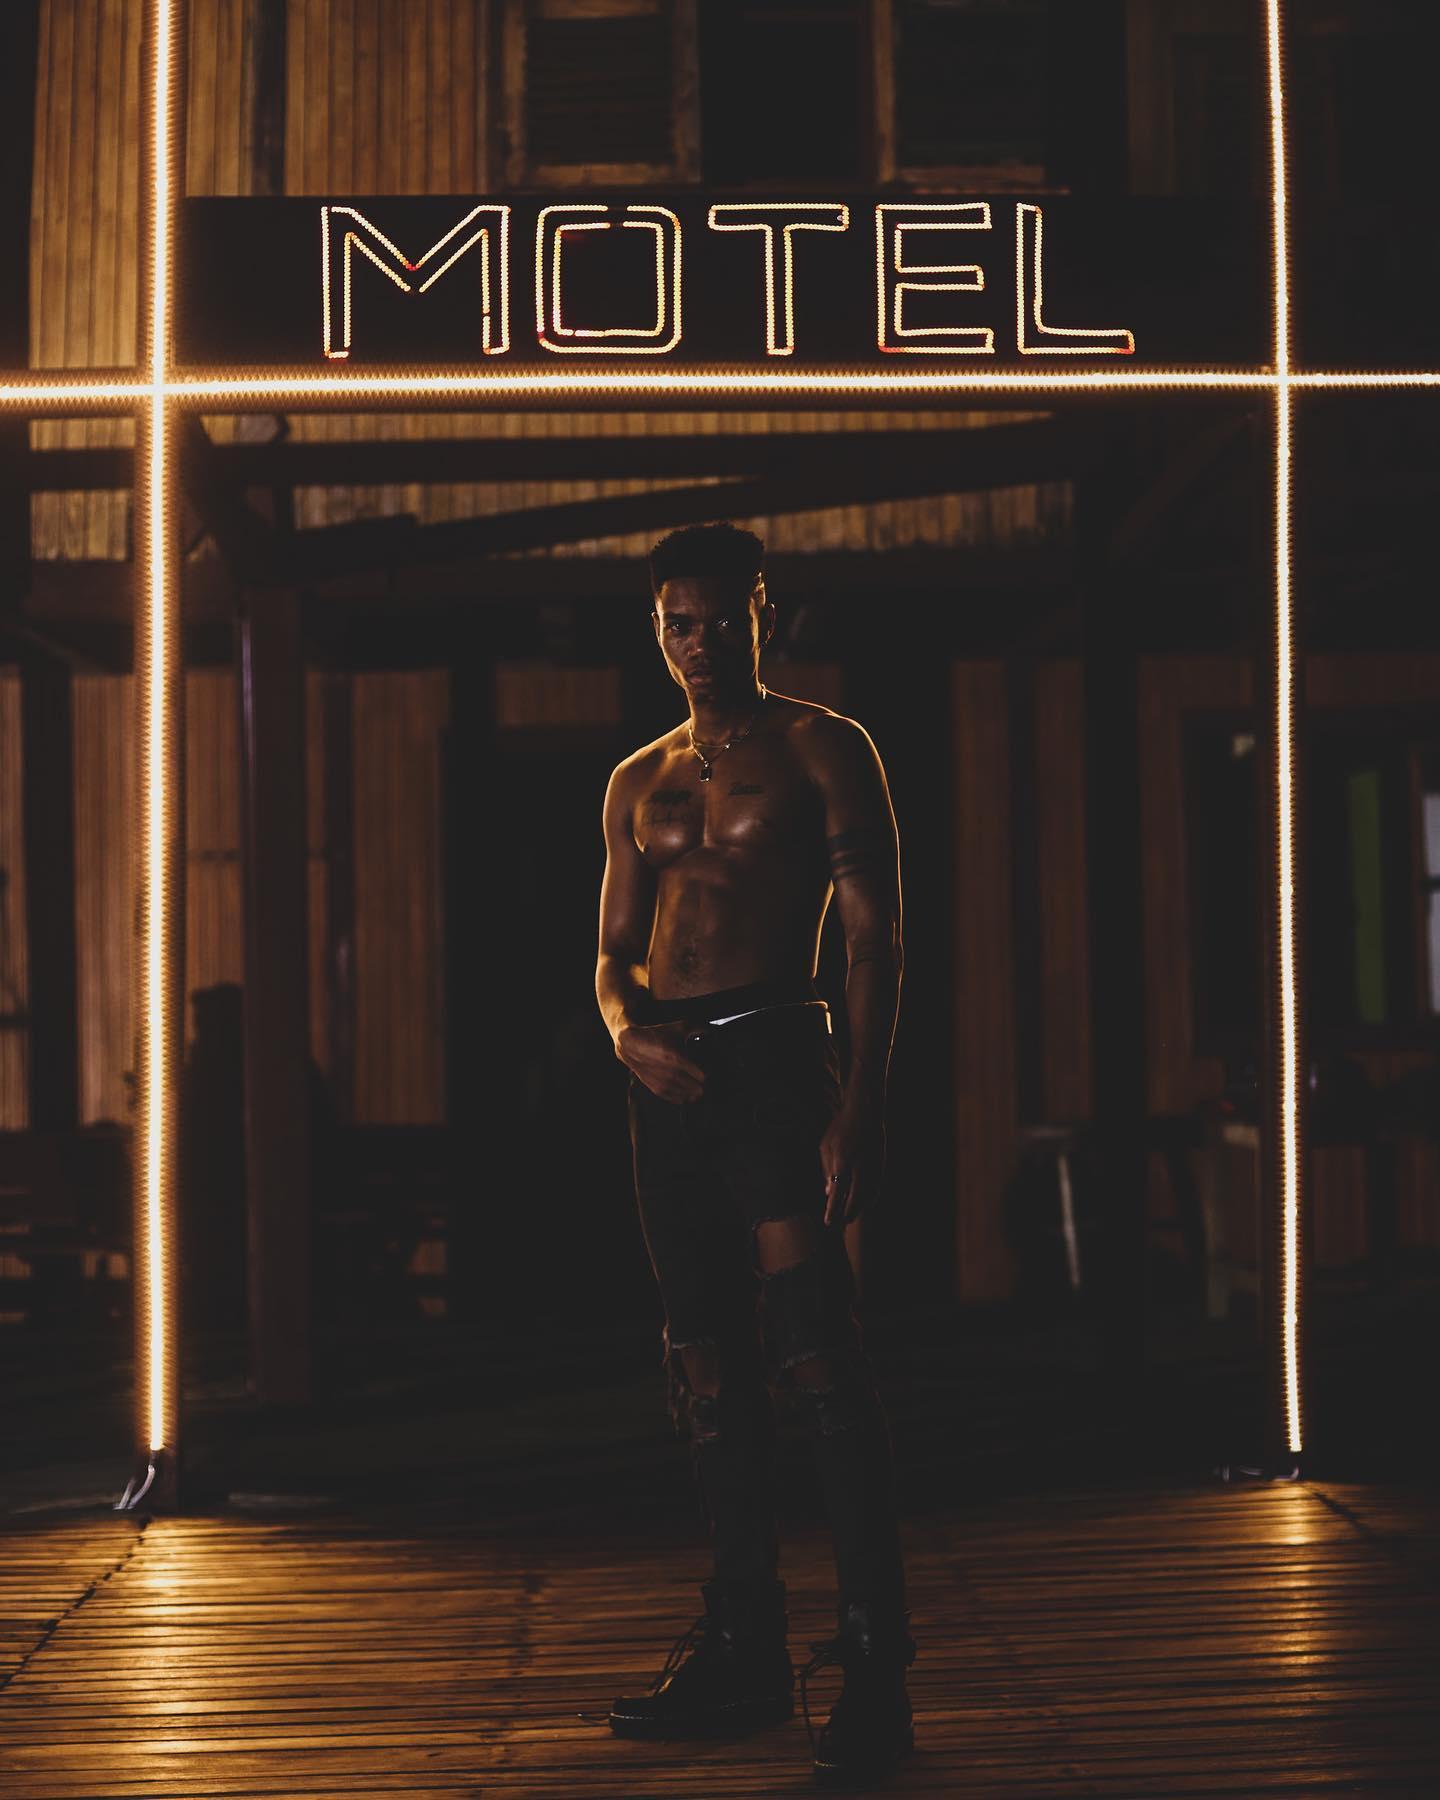 KiDi - Motel